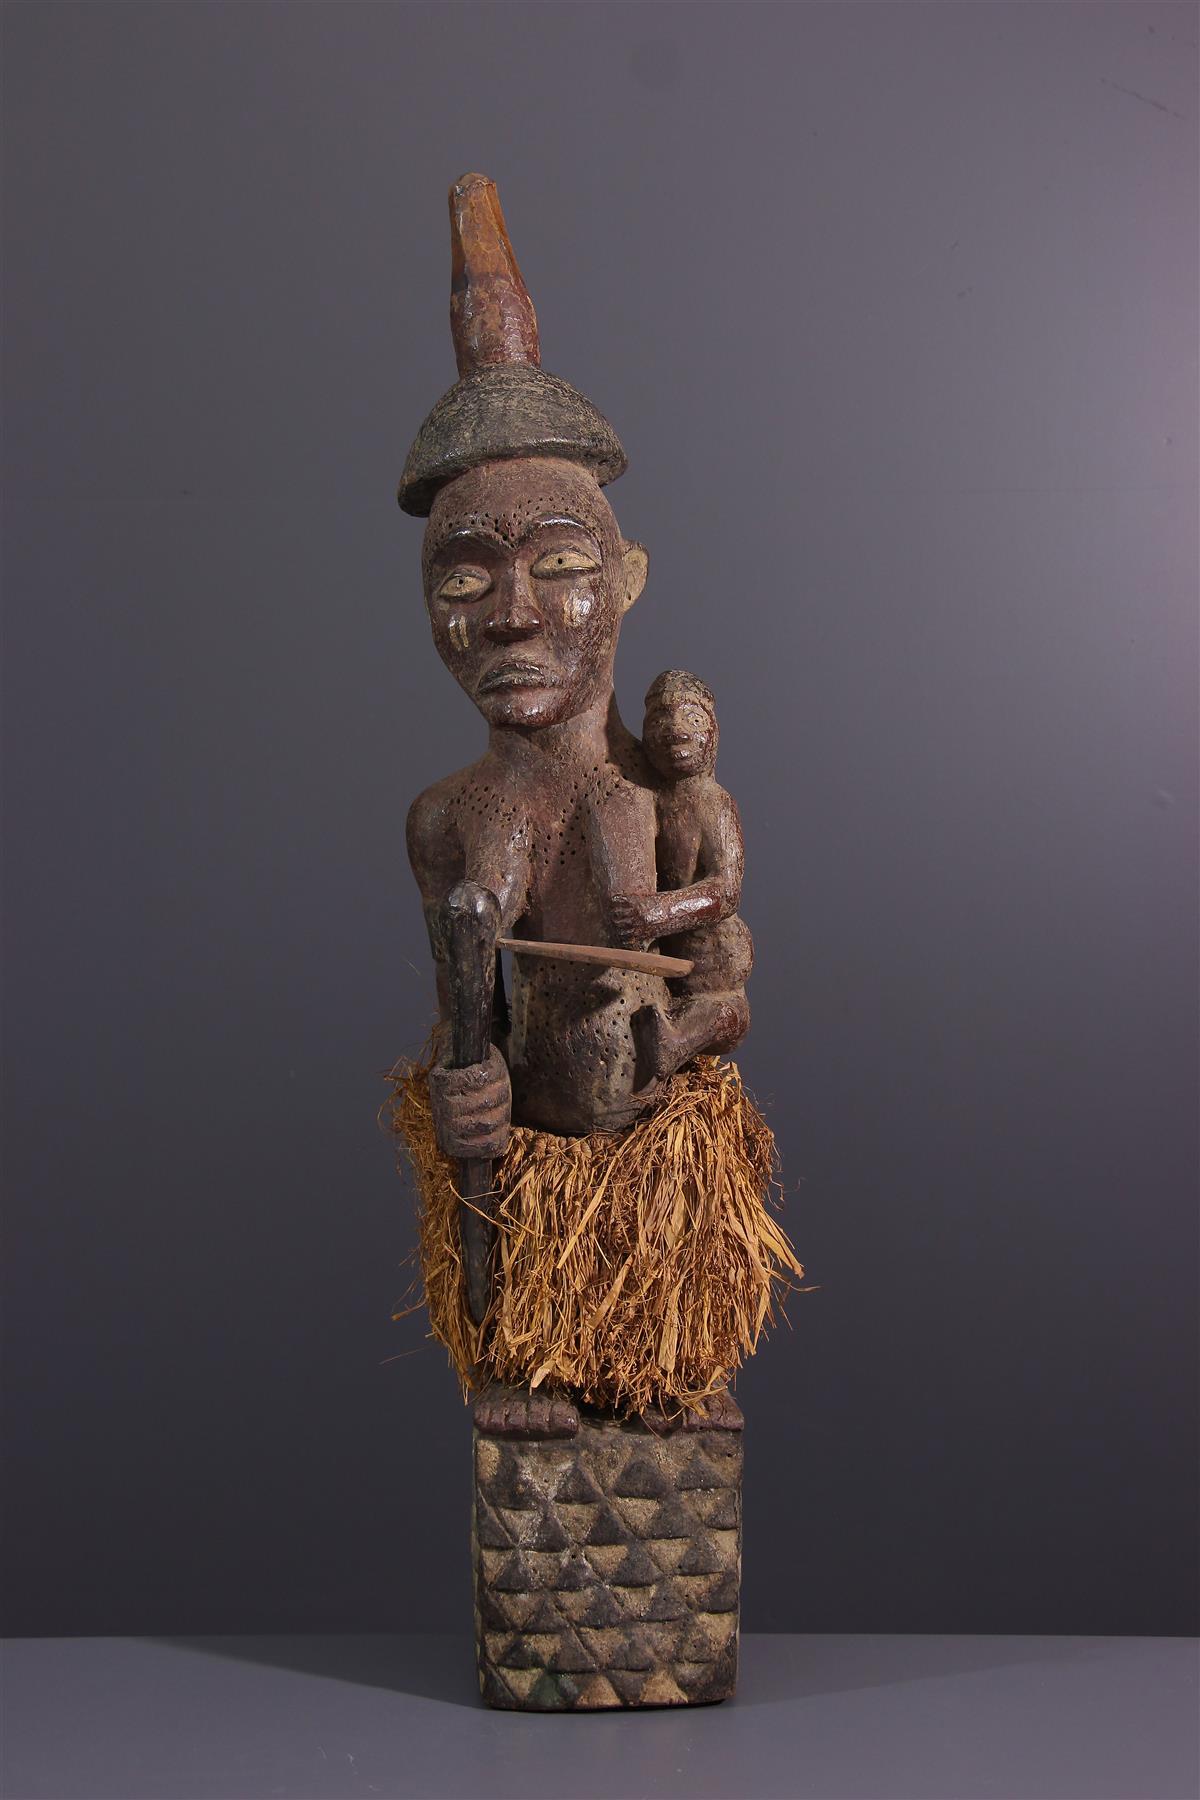 Pende figuur - Afrikaanse kunst